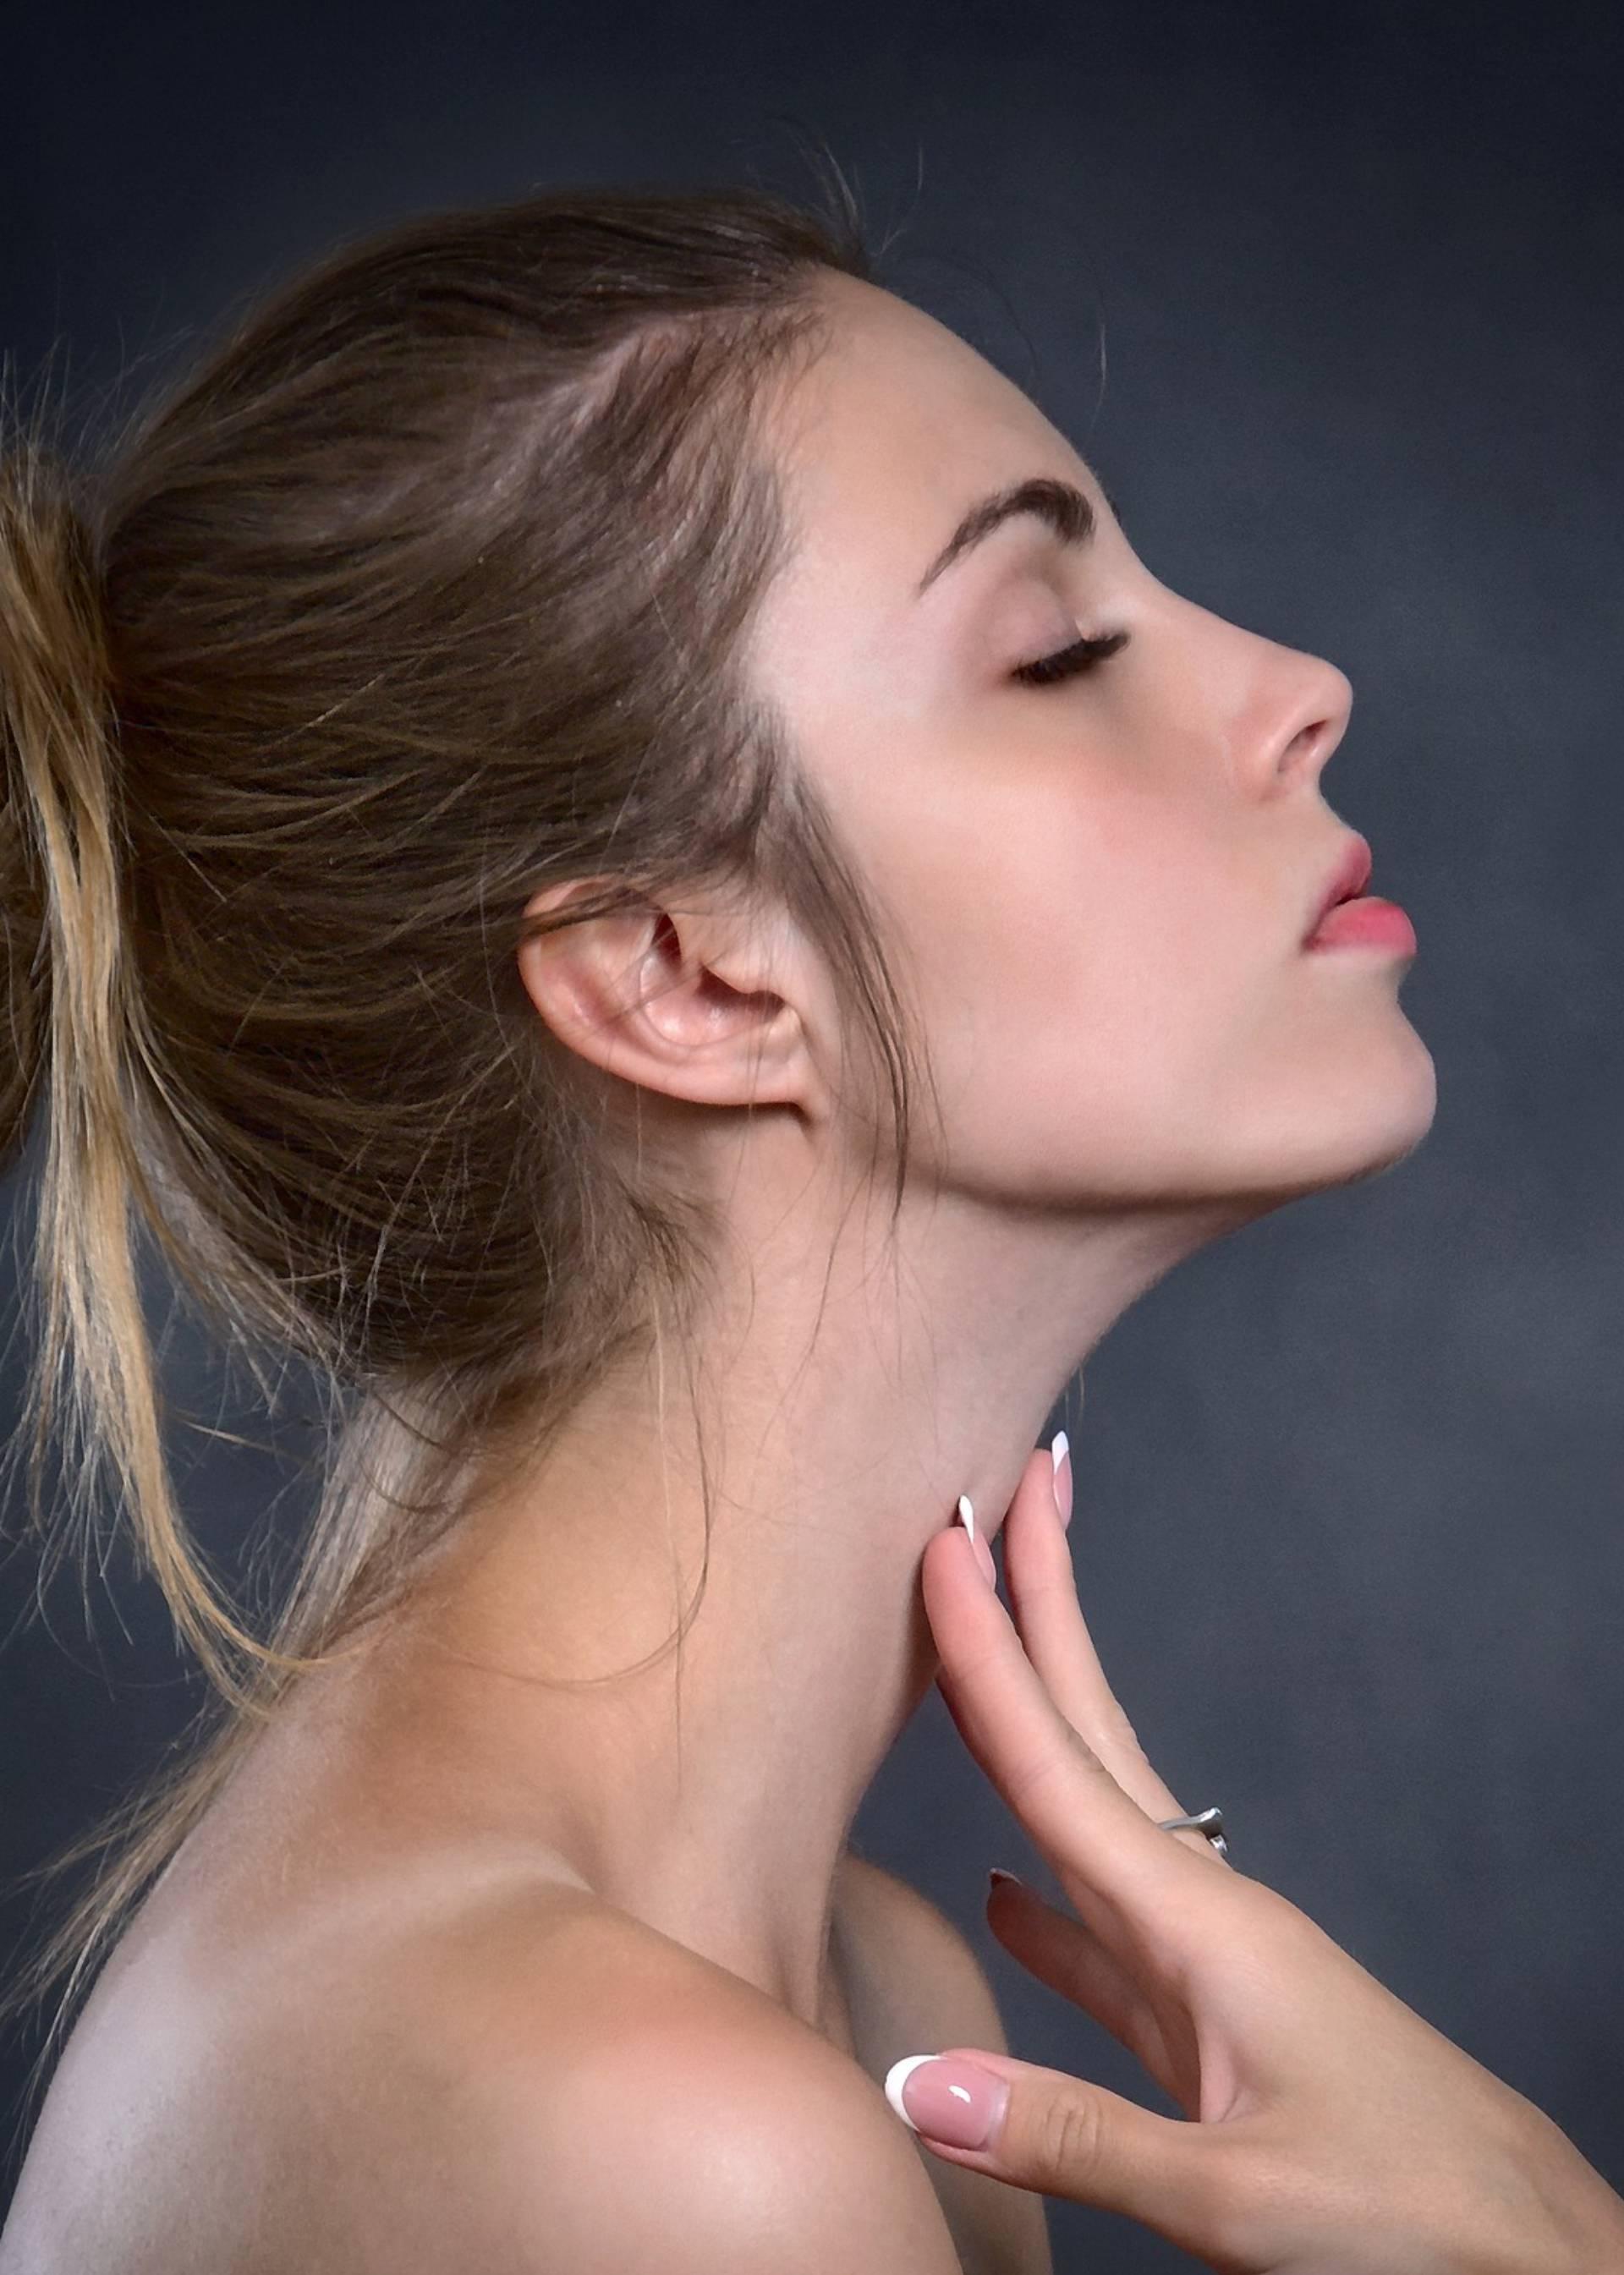 Lice žene slikano iz profila